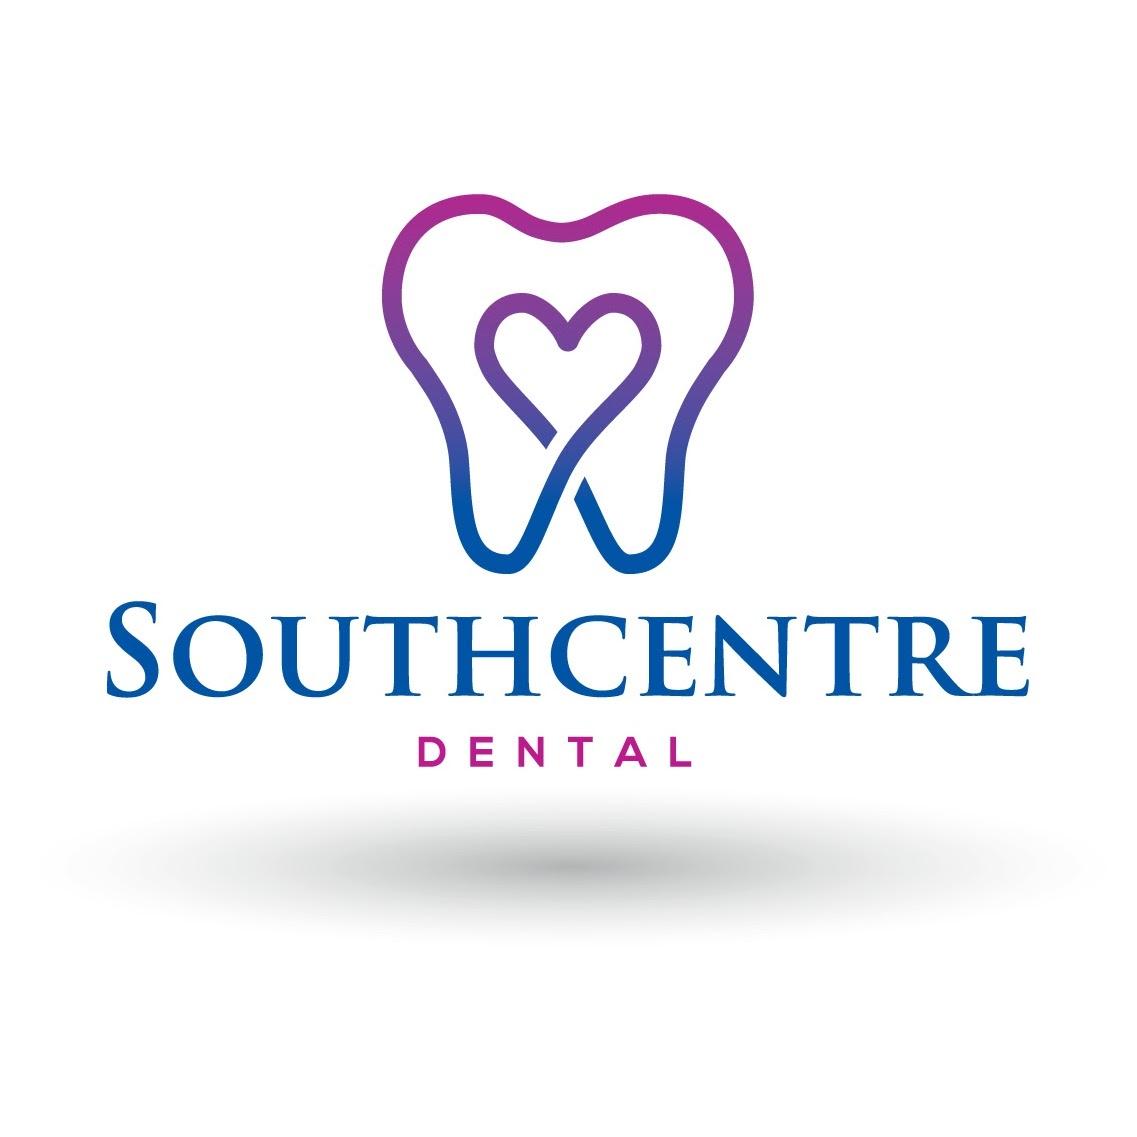 southcentre-dental